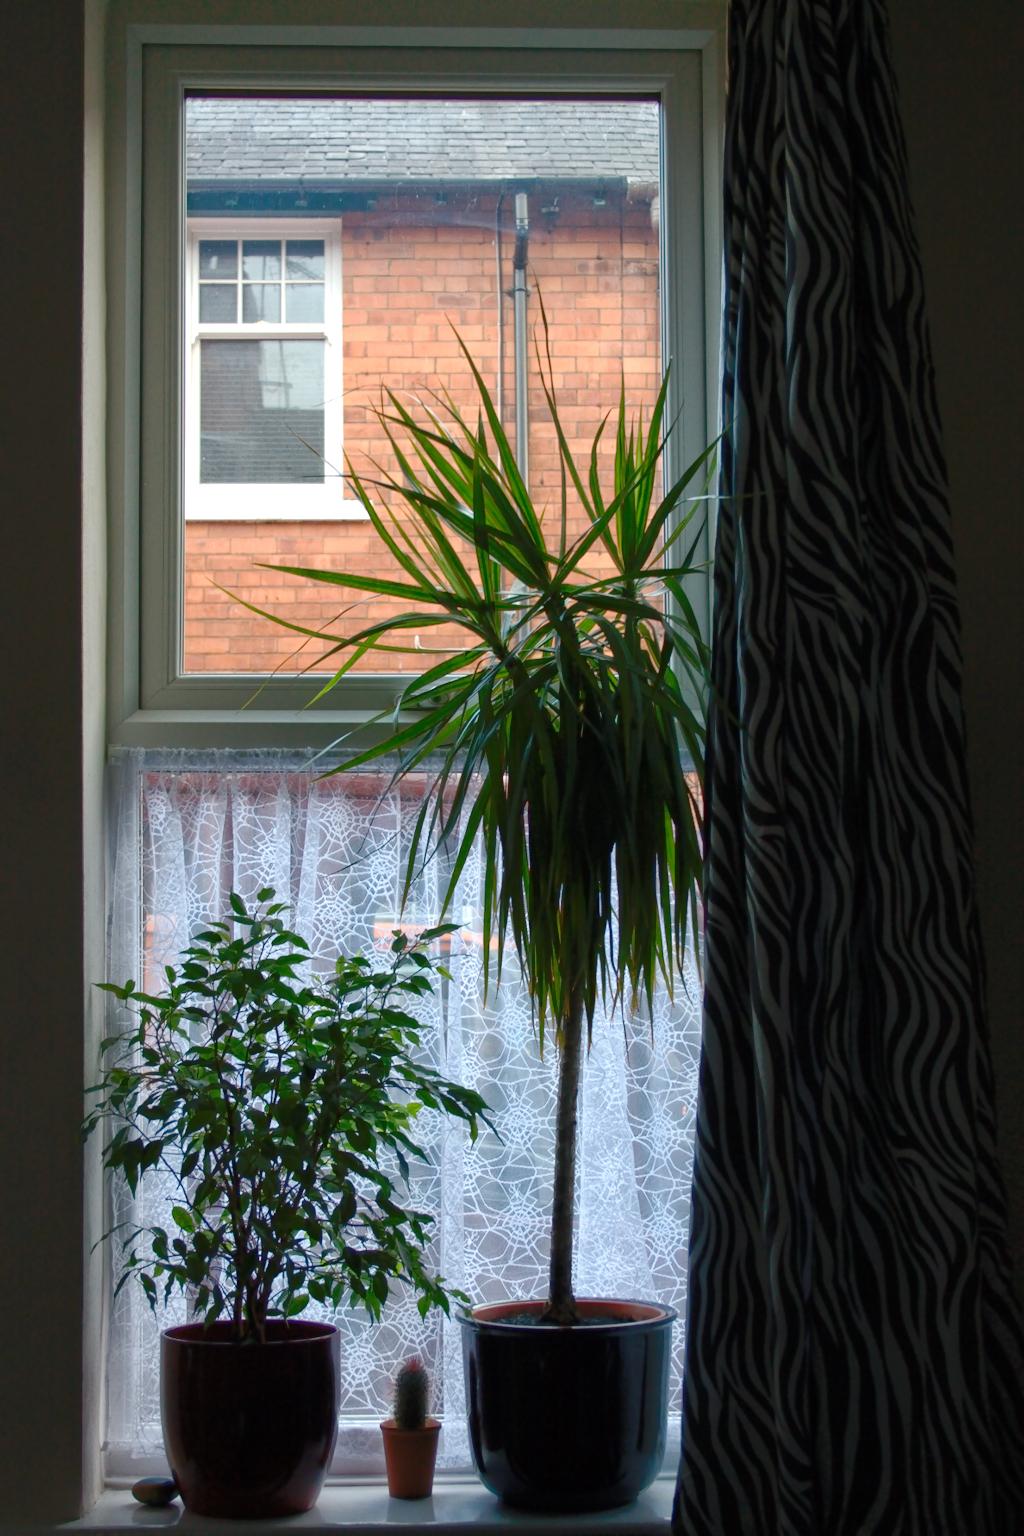 Zebravorhänge, Spinnennetz und Zimmerpflanzen - Wohnzimmerfenster - Zebraspider DIY Anti-Fashion Blog